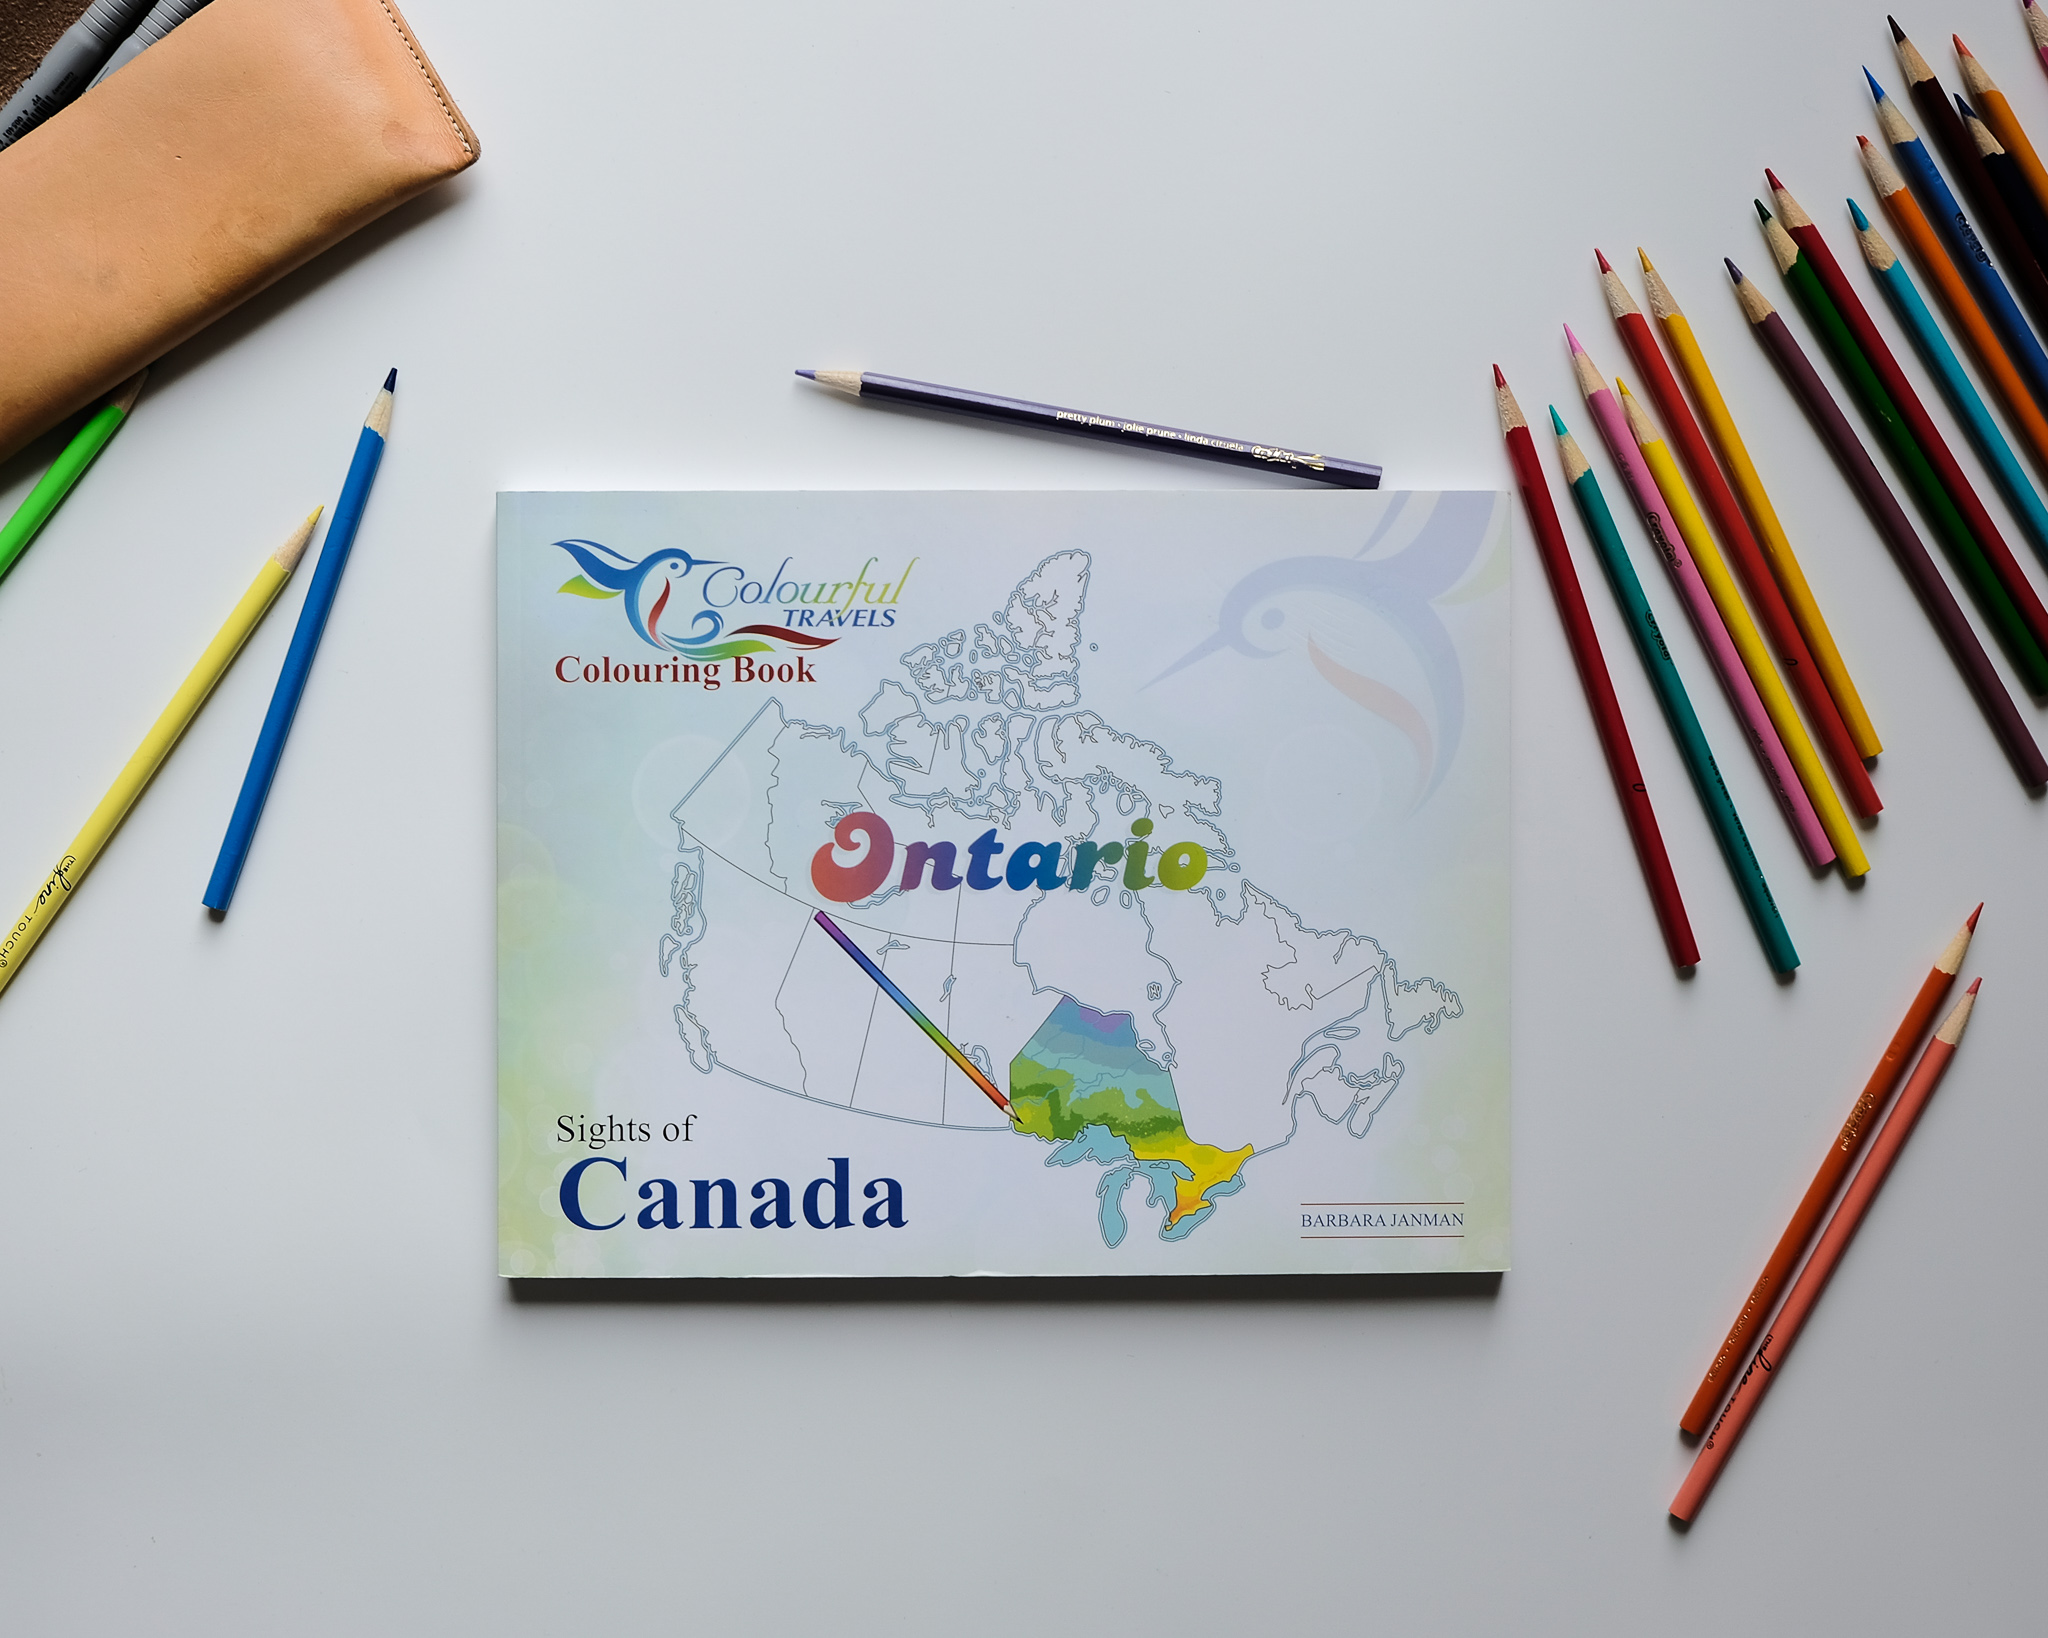 Ontario - Sights of Canada